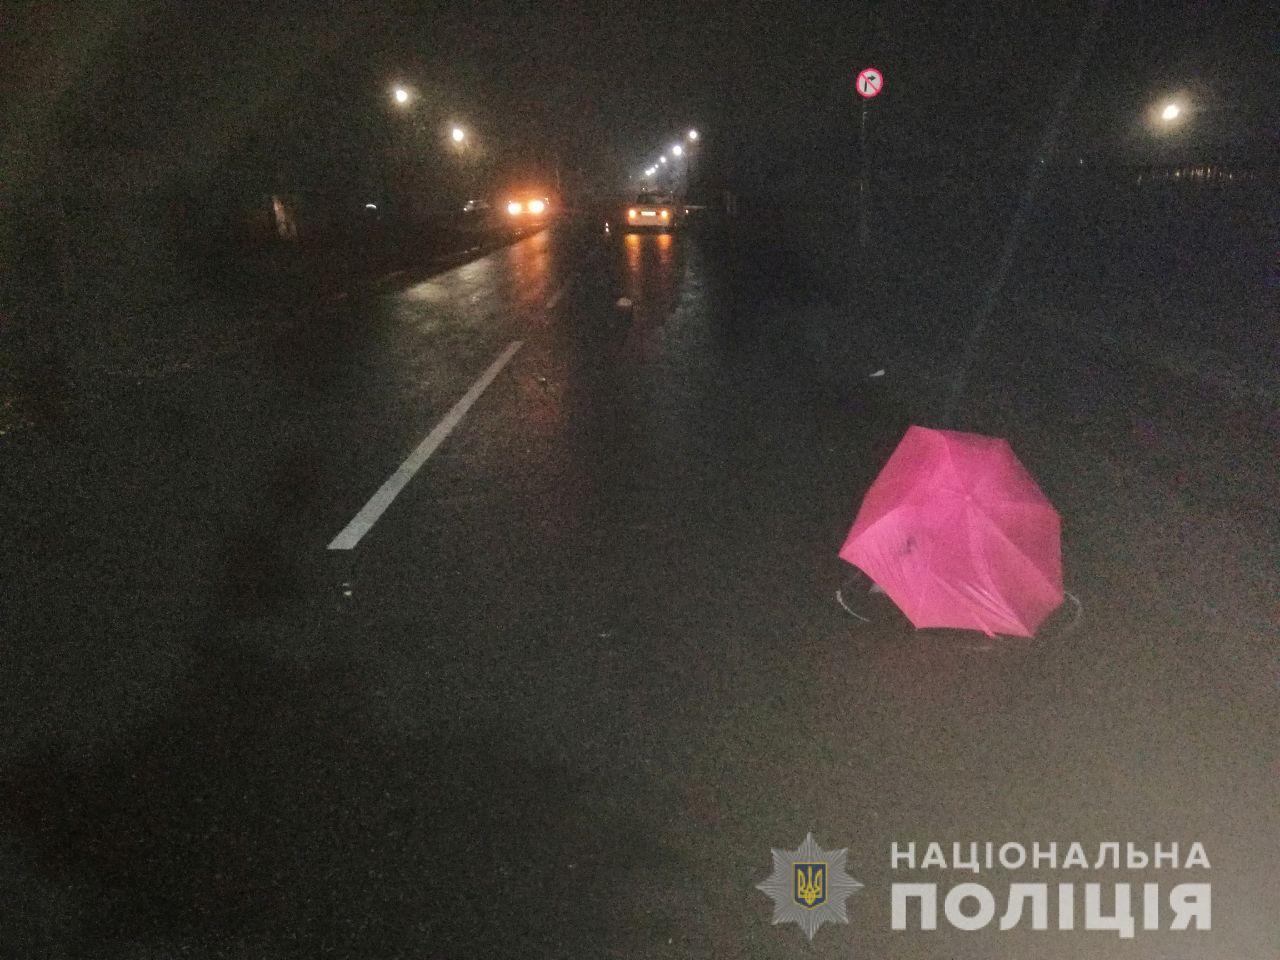 Полиция просит помочь в выяснении обстоятельств смертельного ДТП. Новости Днепра